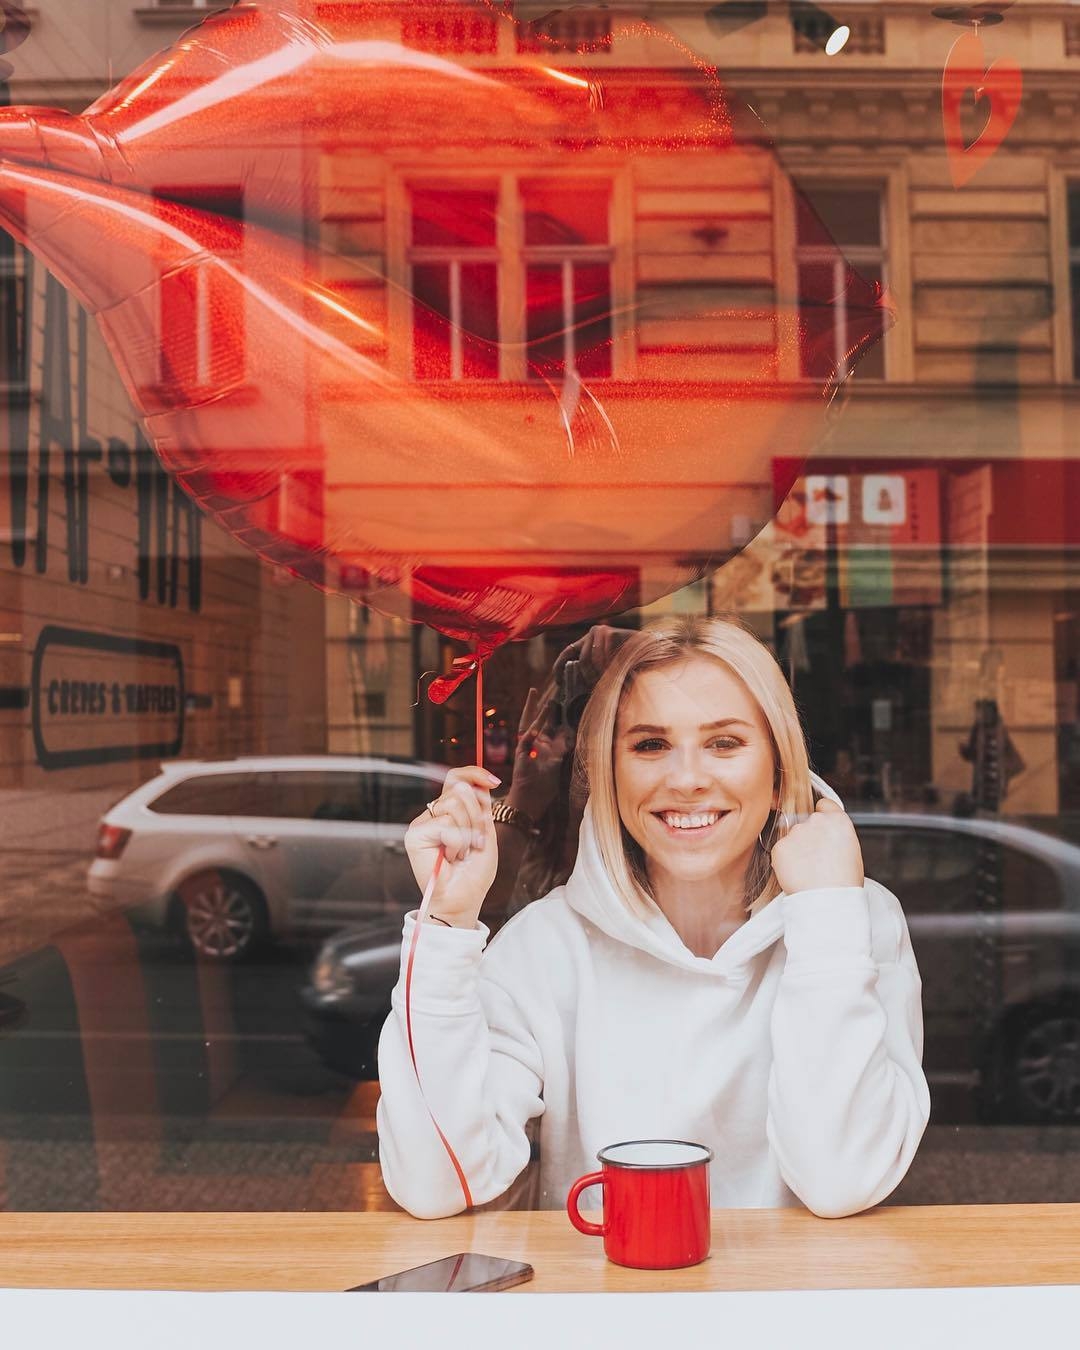 Mariana Prachařová na zajímavé fotce